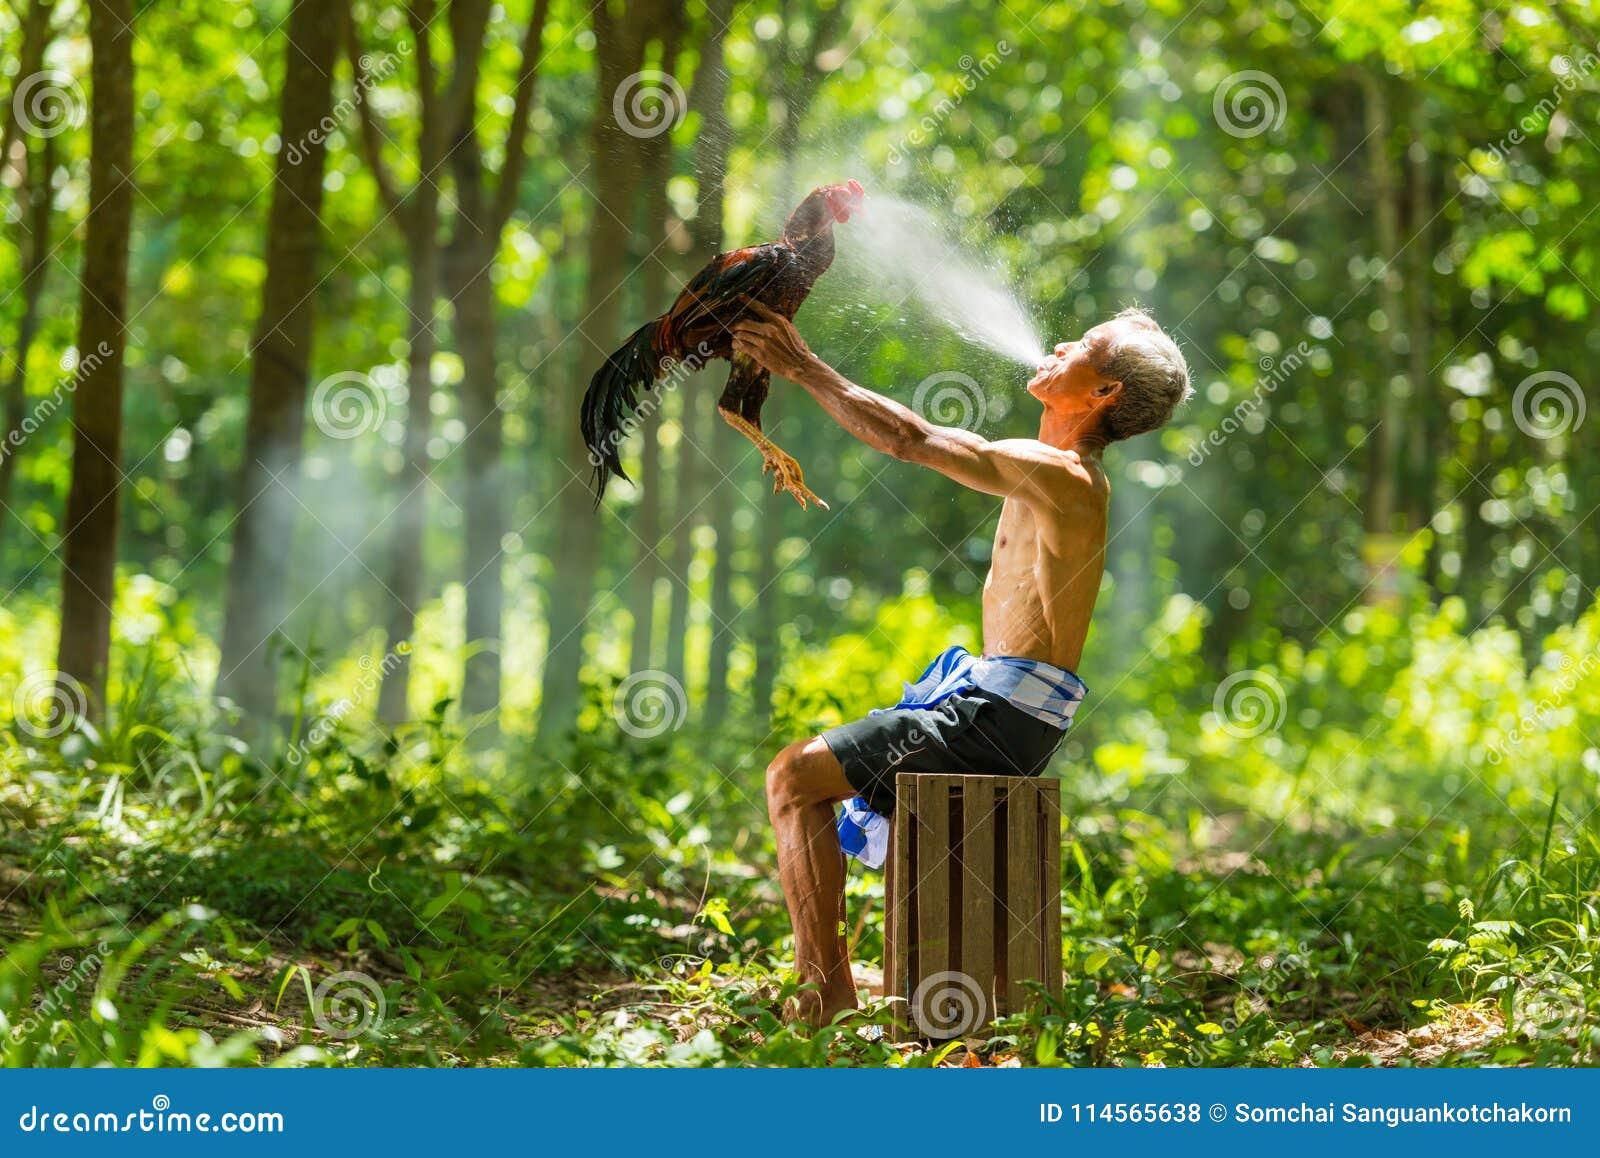 Água de pulverização do ancião rural para refrescar o galo de luta doméstico